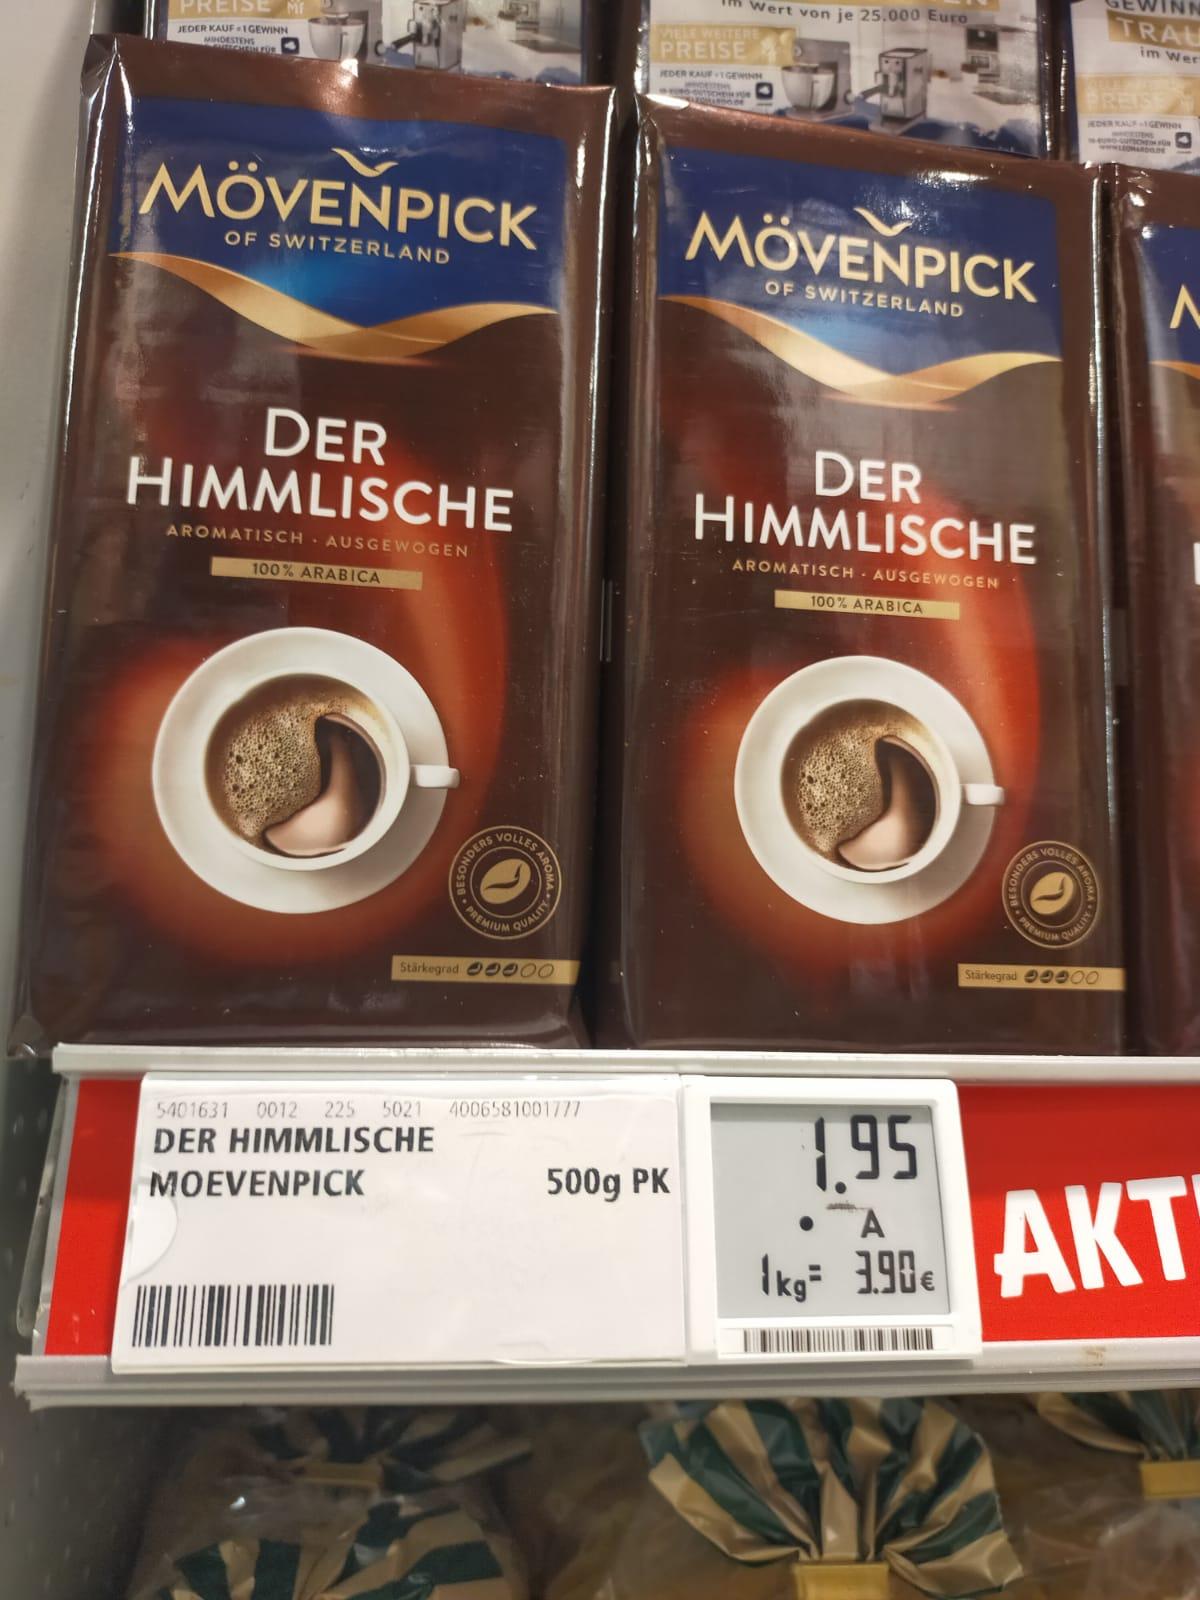 Mövenpick Der Himmlische gemahlen 500g - 1,95 Euro